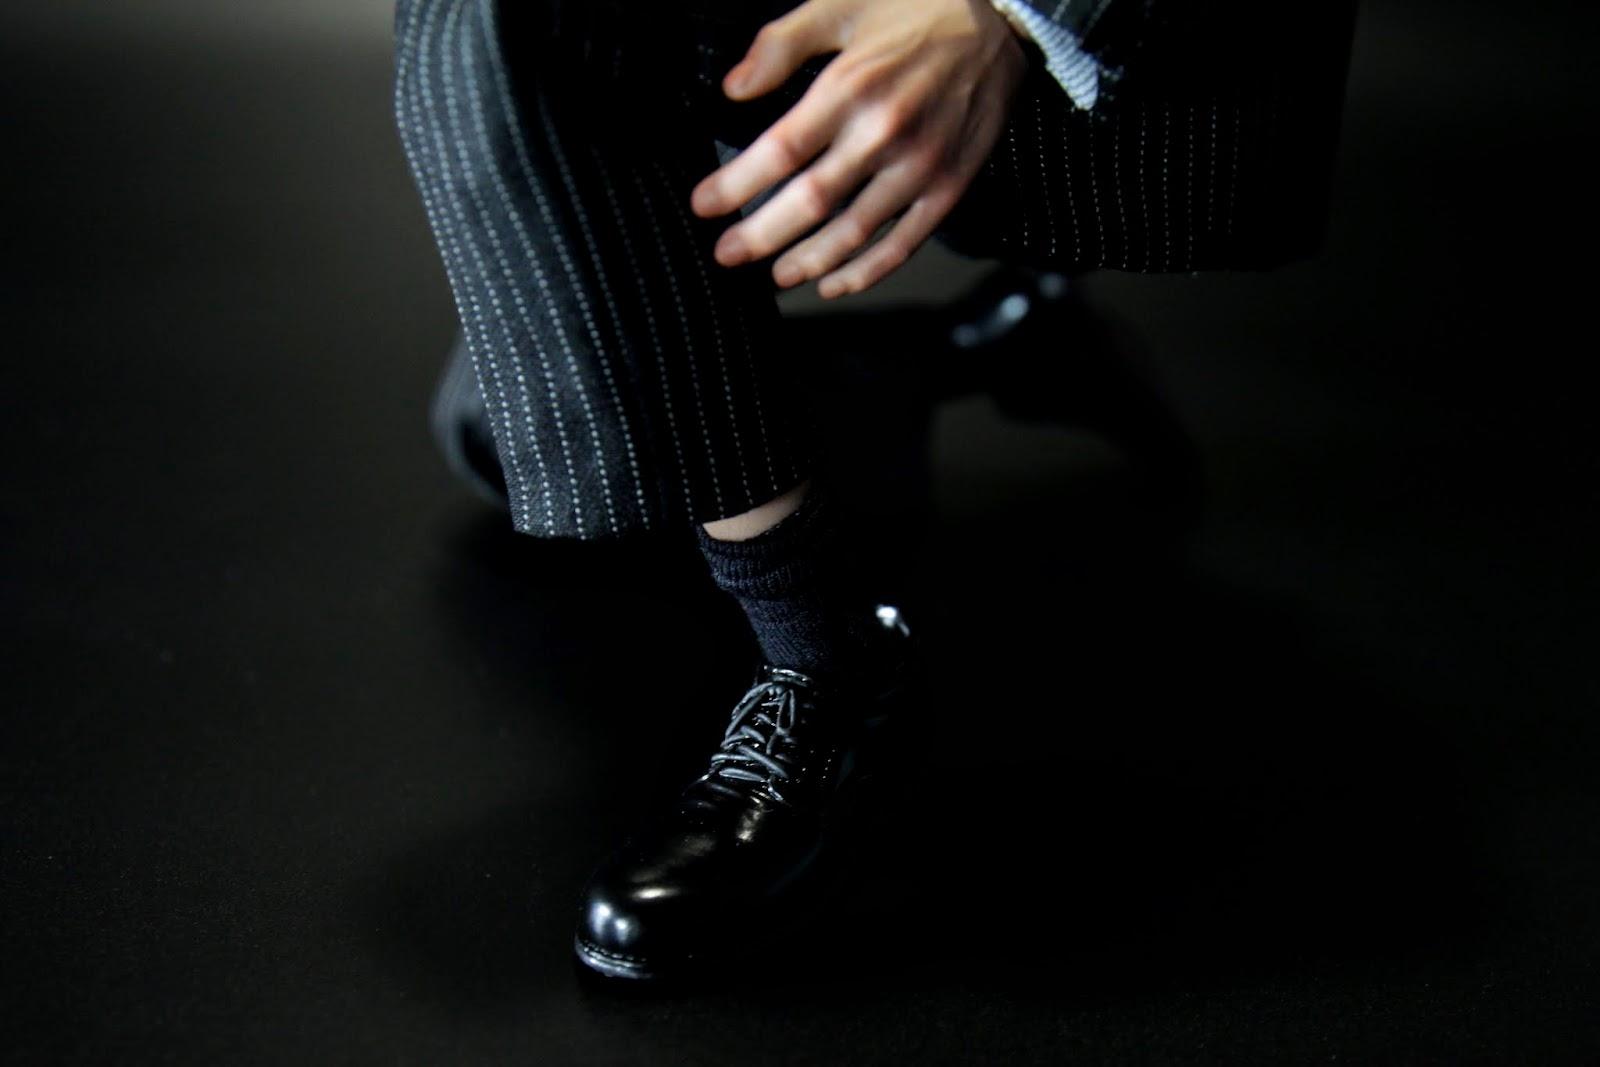 襪子也做得很細,不過仍然沒有腳掌~直接是皮鞋